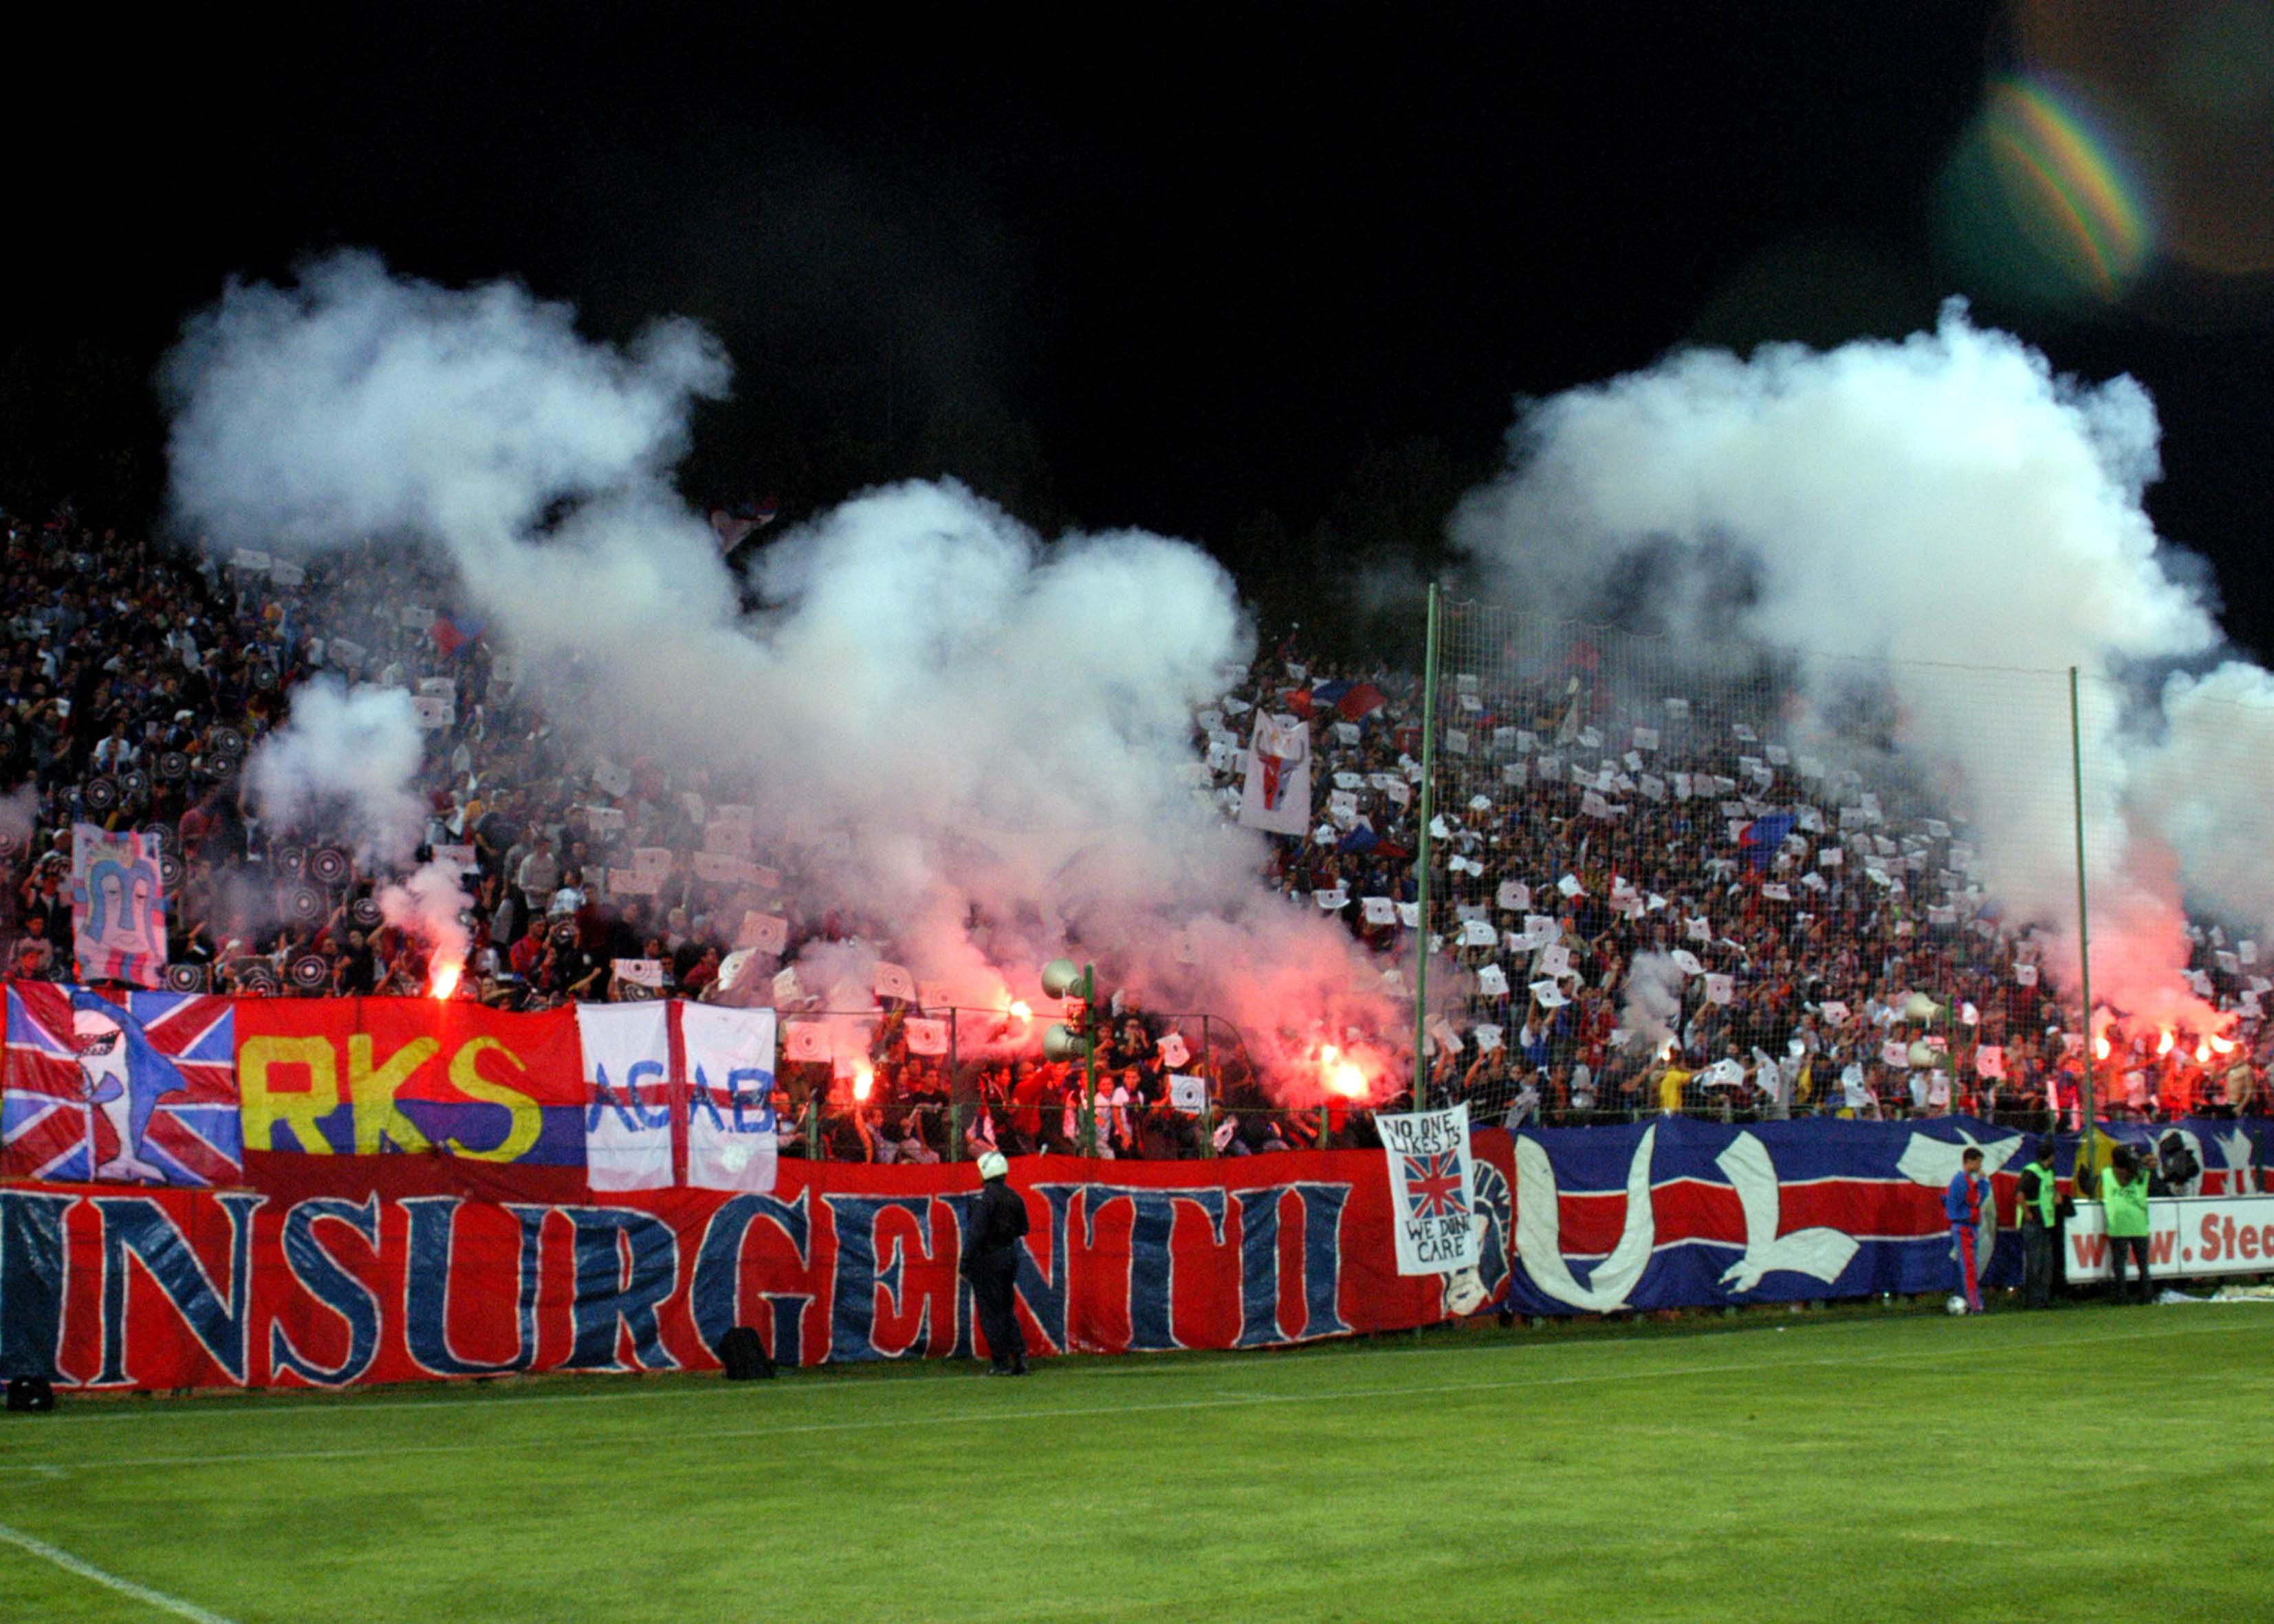 Coregrafie comună Steaua-Dinamo, la un meci din 15 septembrie 2002